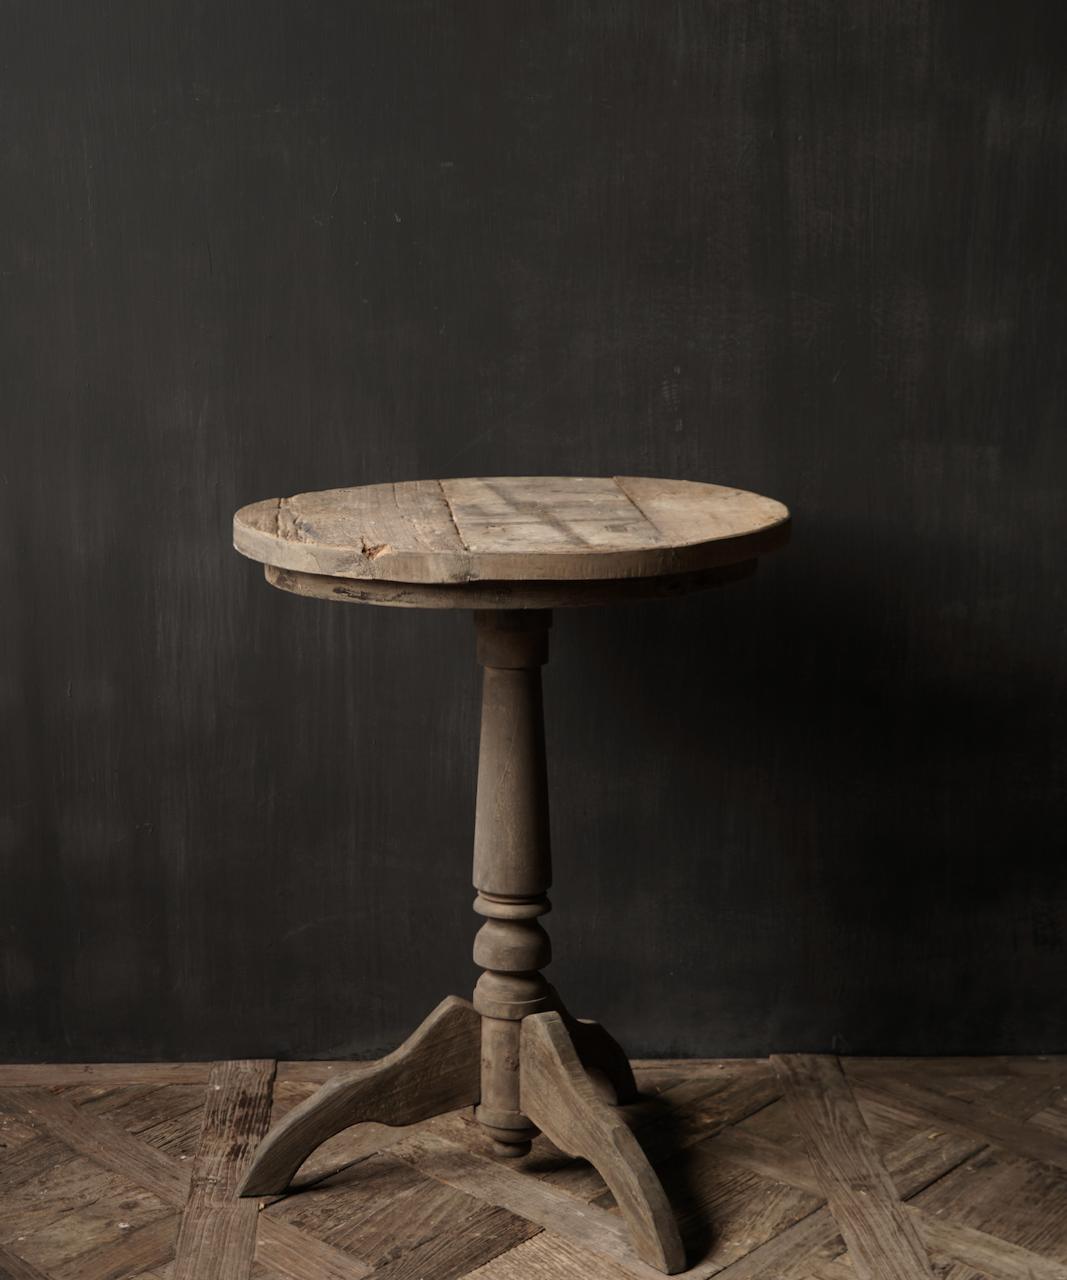 Stoere  robuuste ronde wijntafel gemaakt van oud gebruikt hout  60cm-2